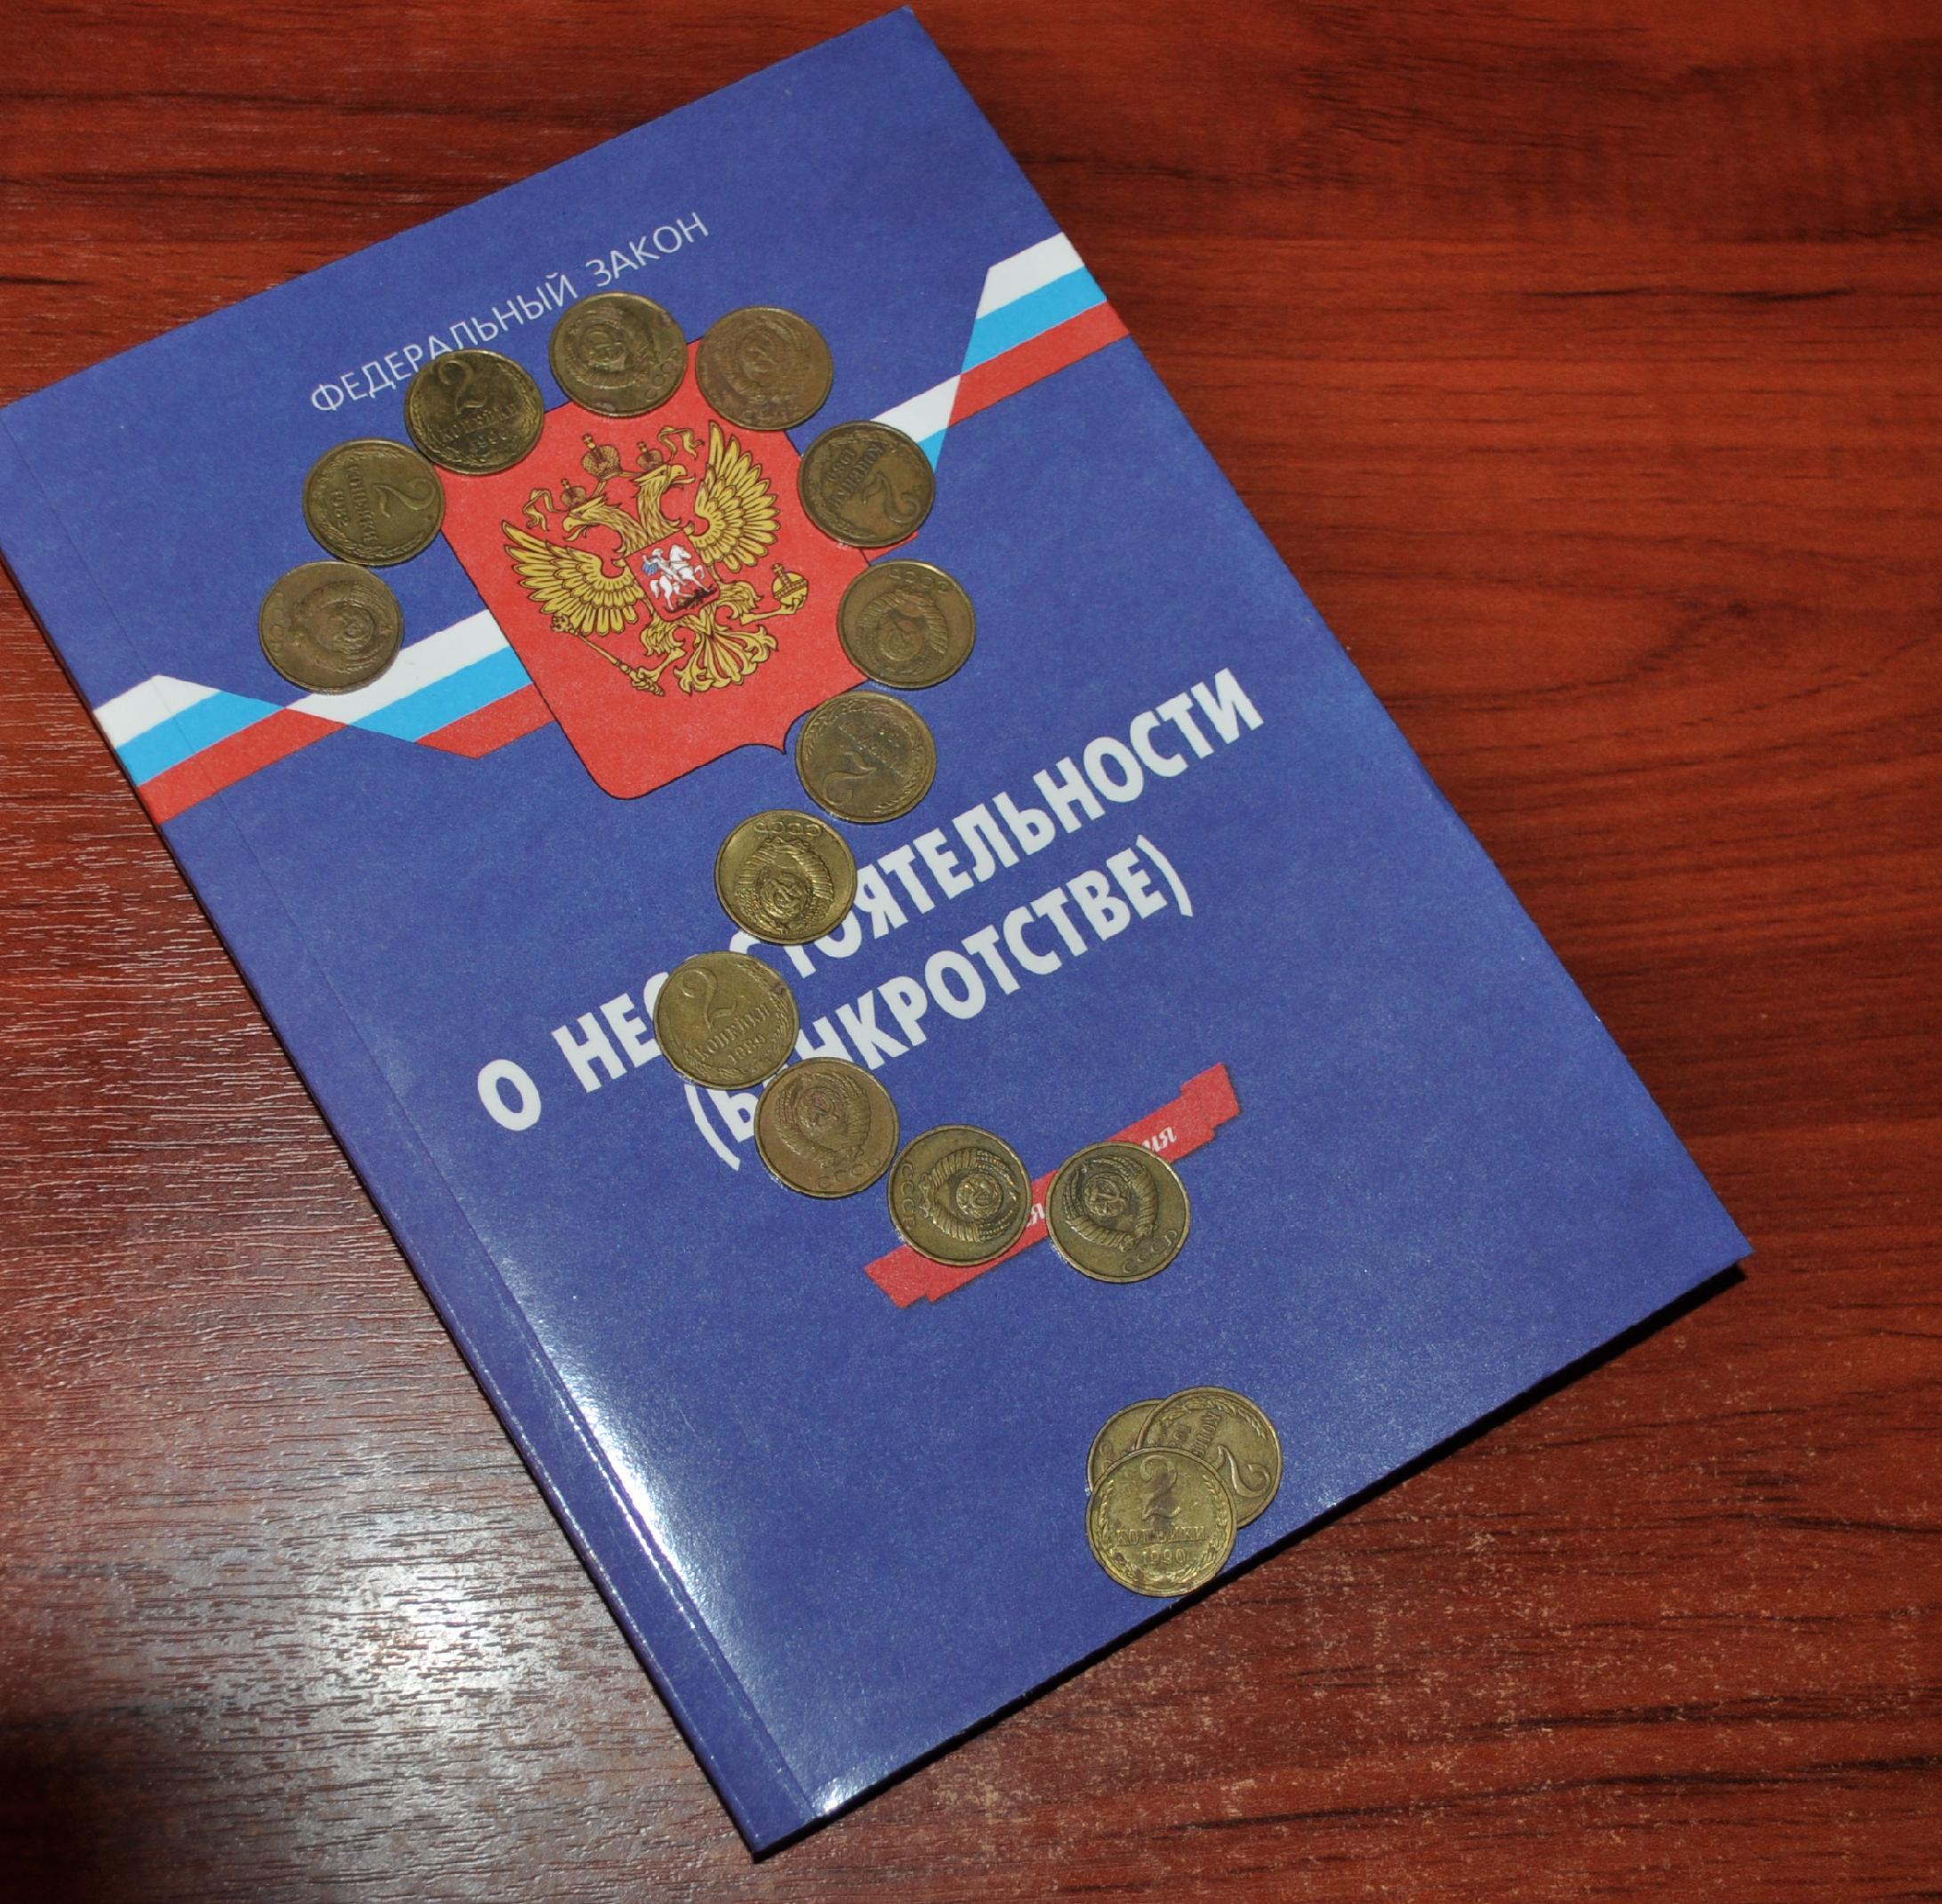 Новости в ордынском районе